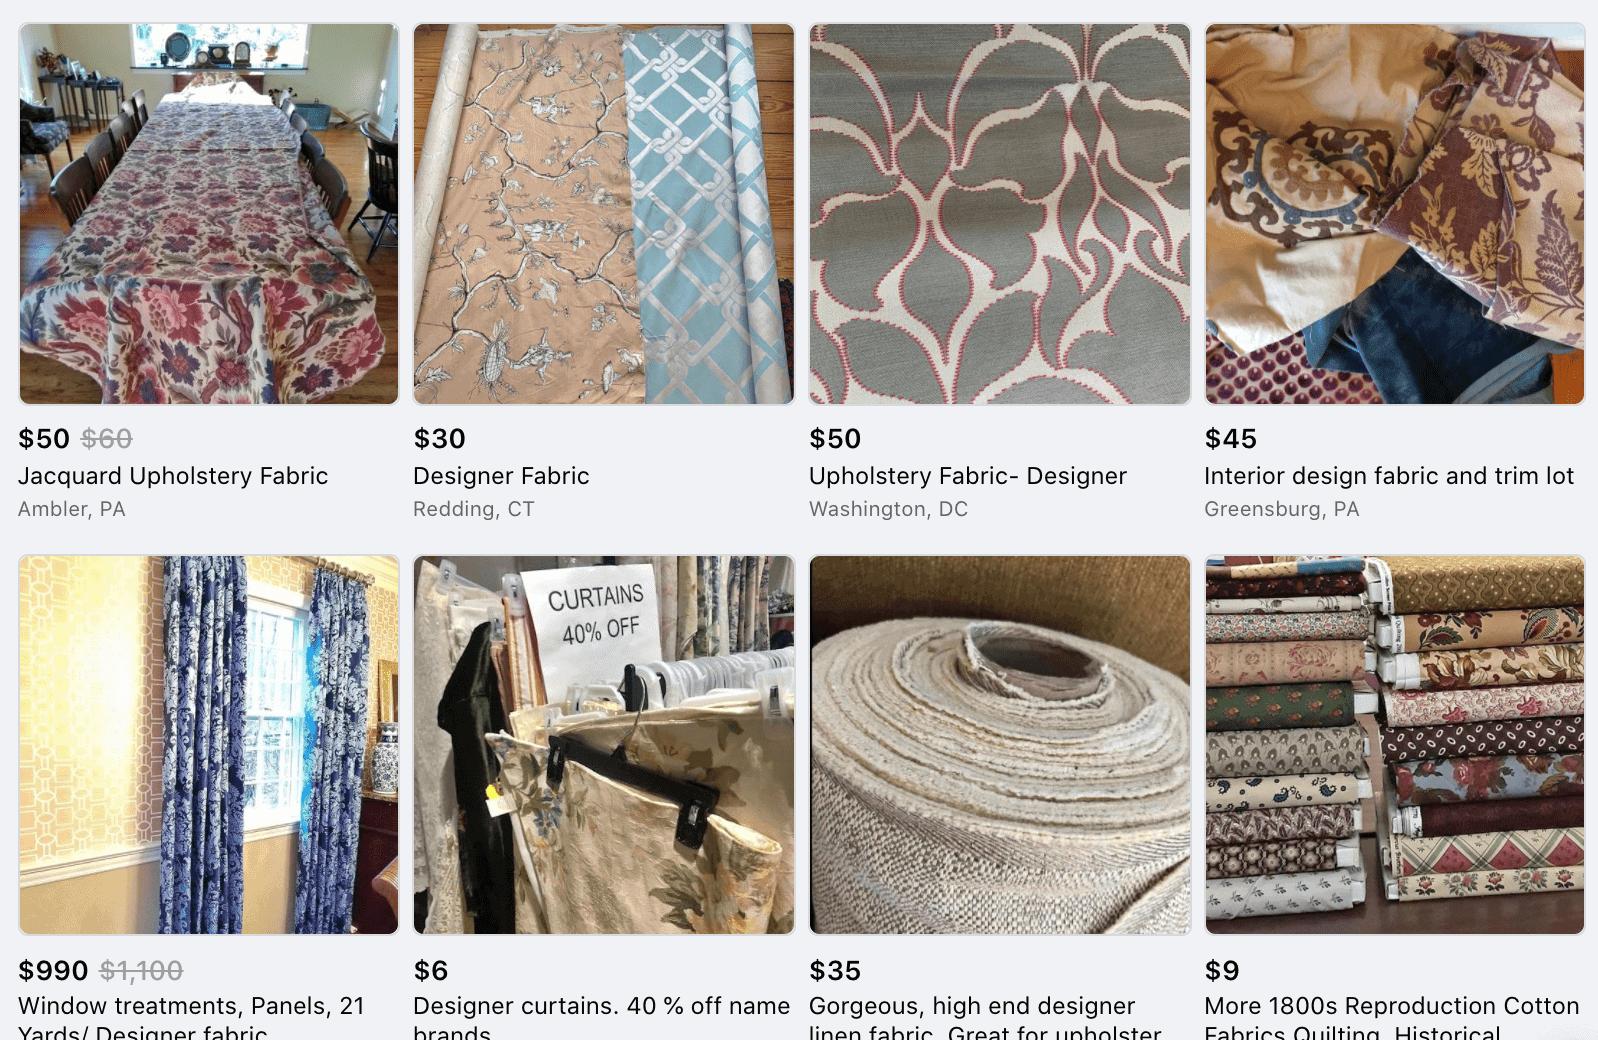 designer-fabrics